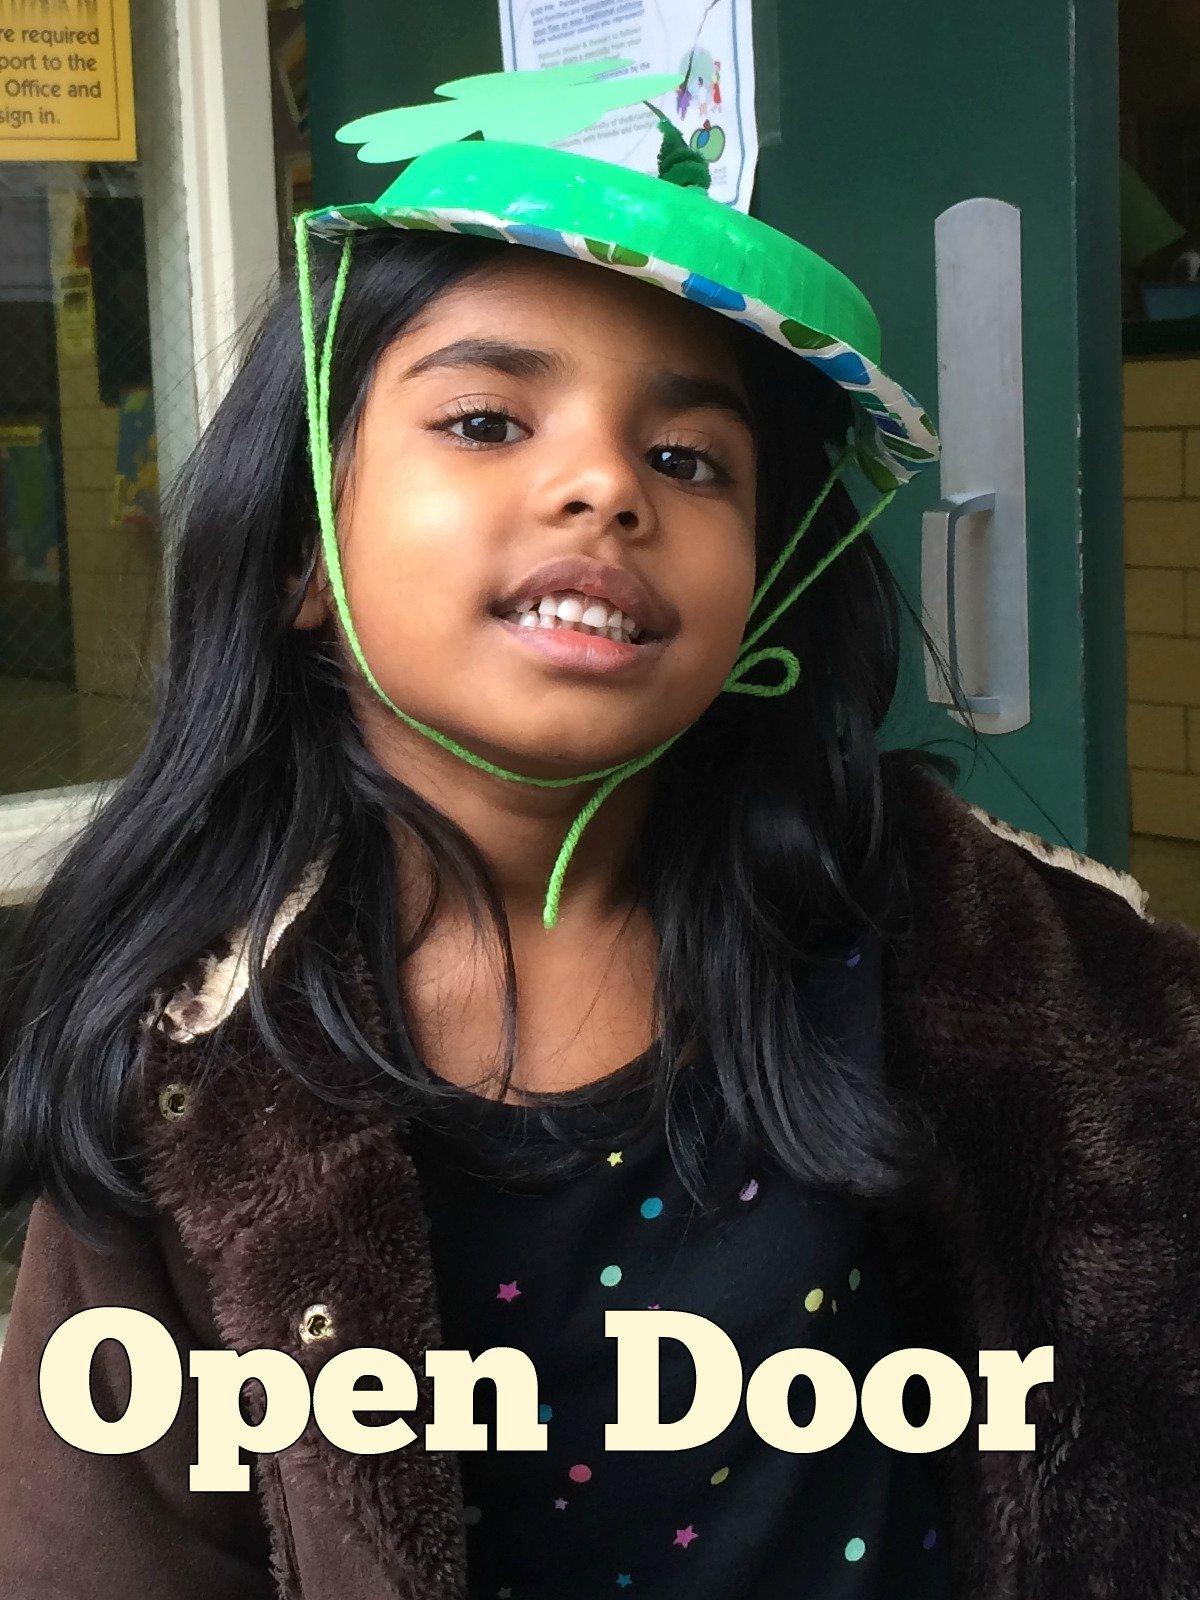 Clip: Open Door